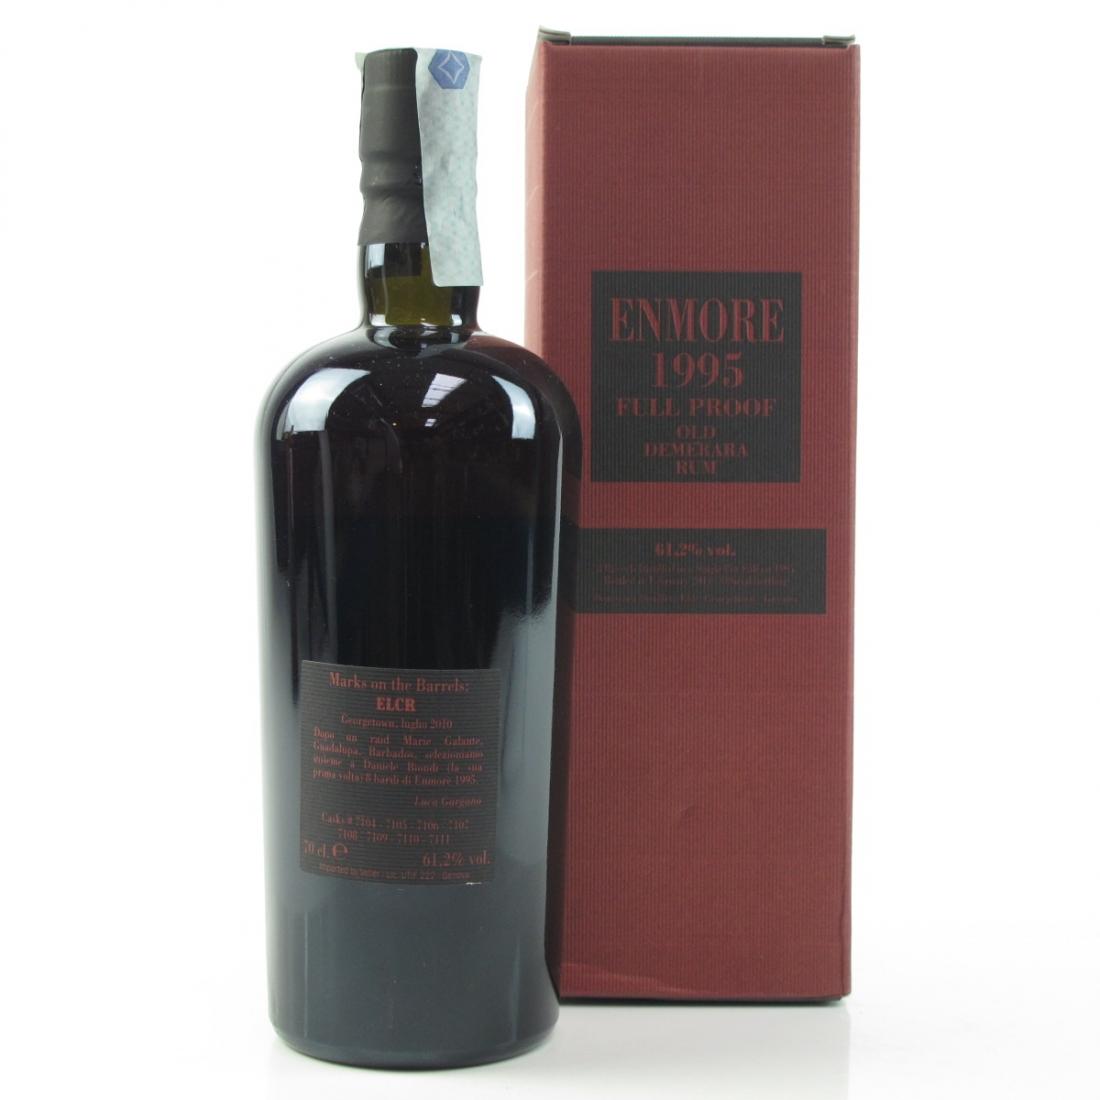 Enmore 1995 Full Proof Demerara Rum